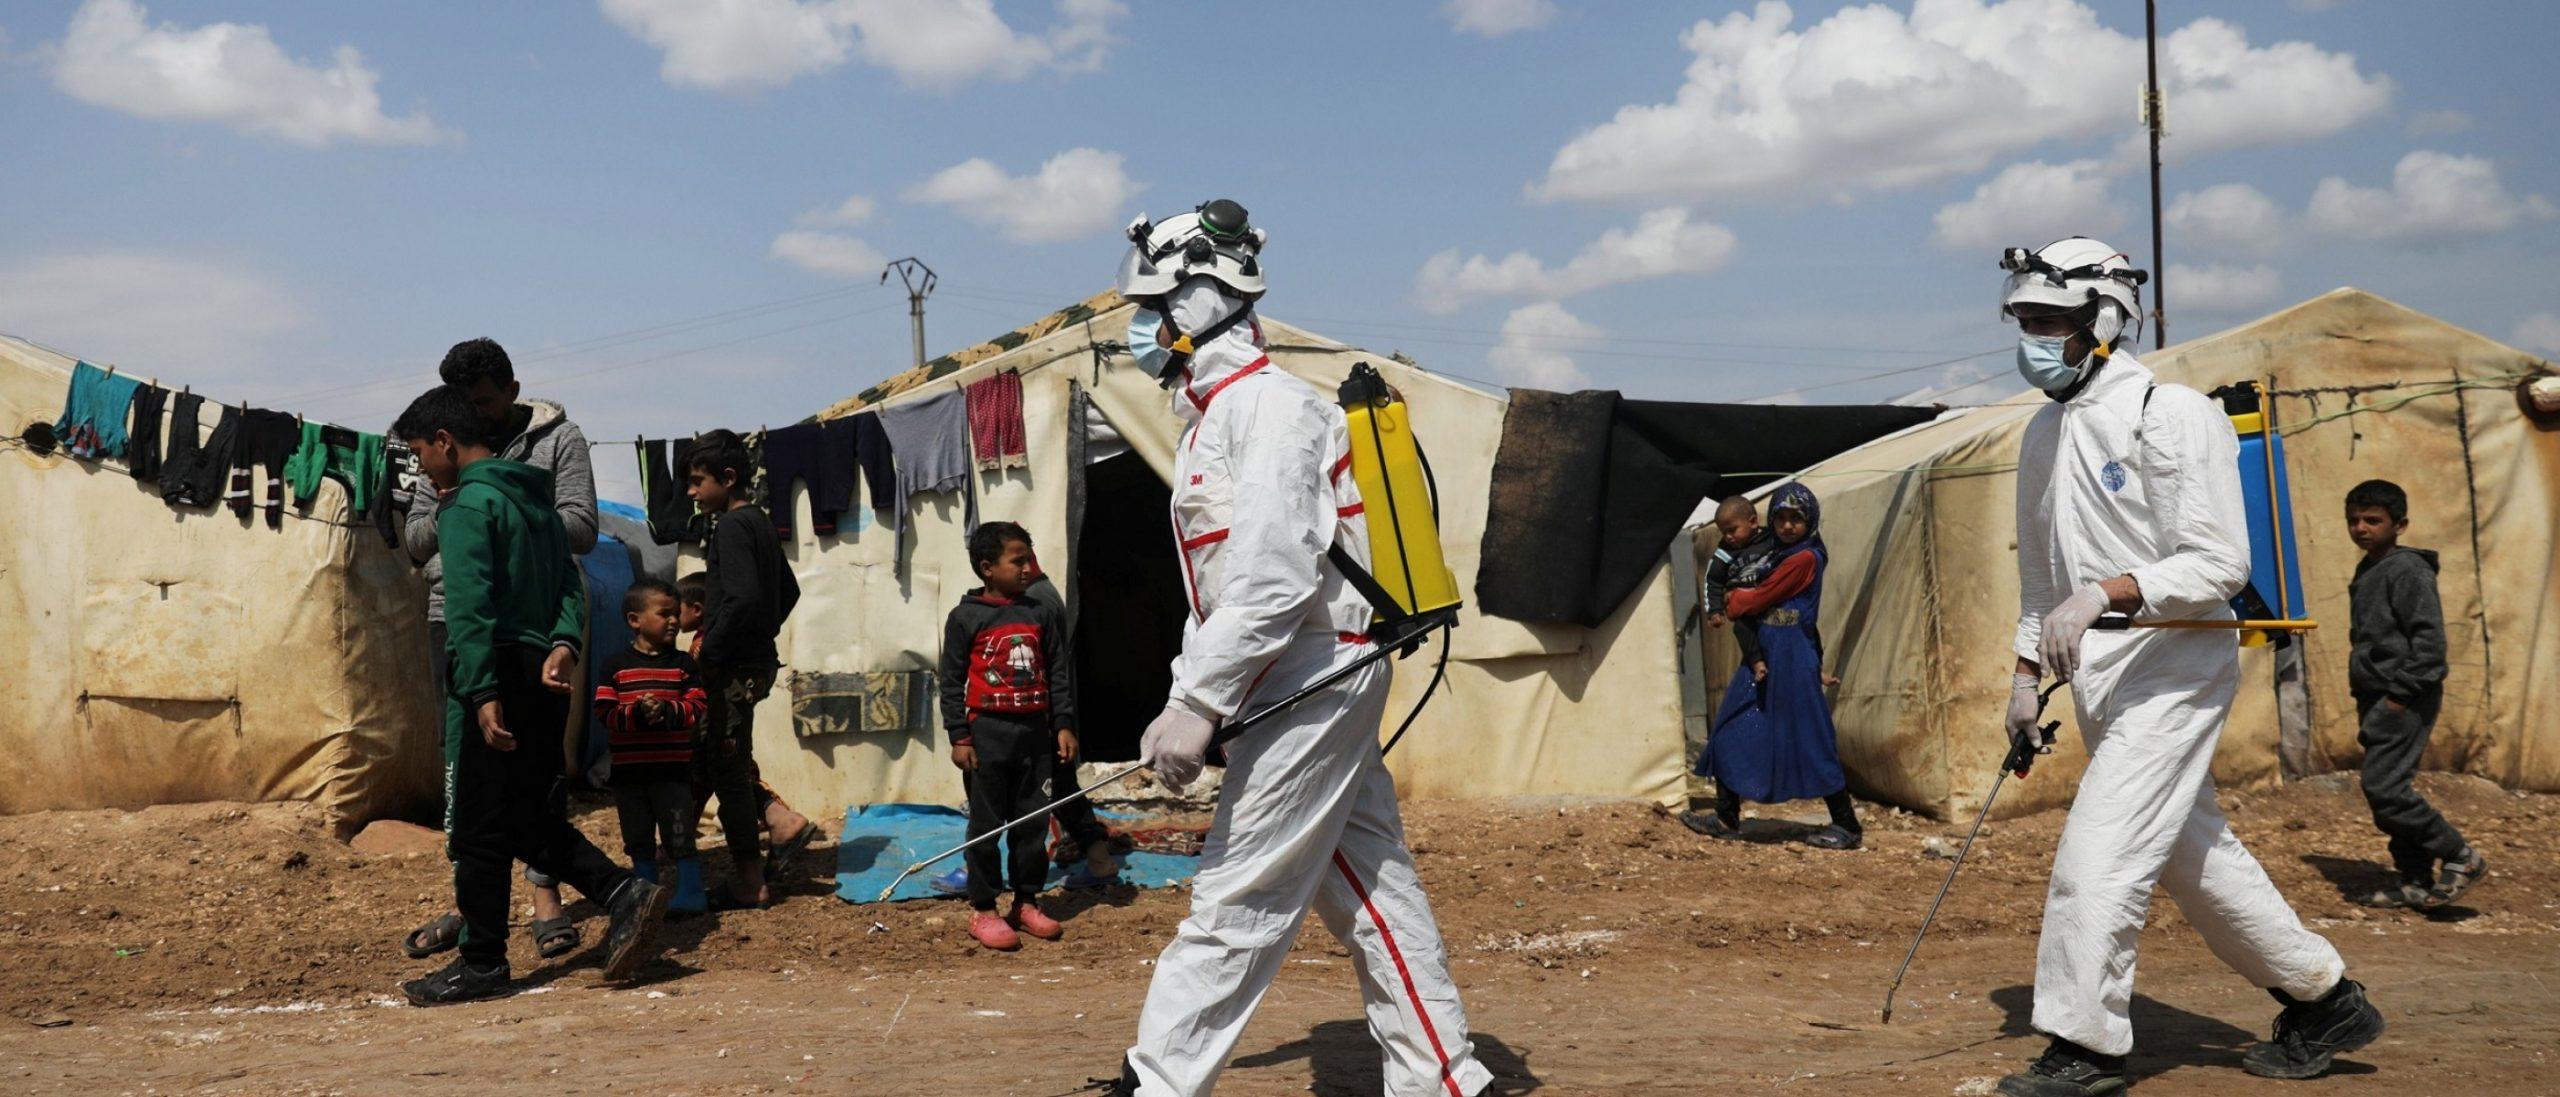 Covid -19, Senza Vaccino Possibili 800 Milioni Di Contagi E 8 Milioni E 4 Di Morti In Africa